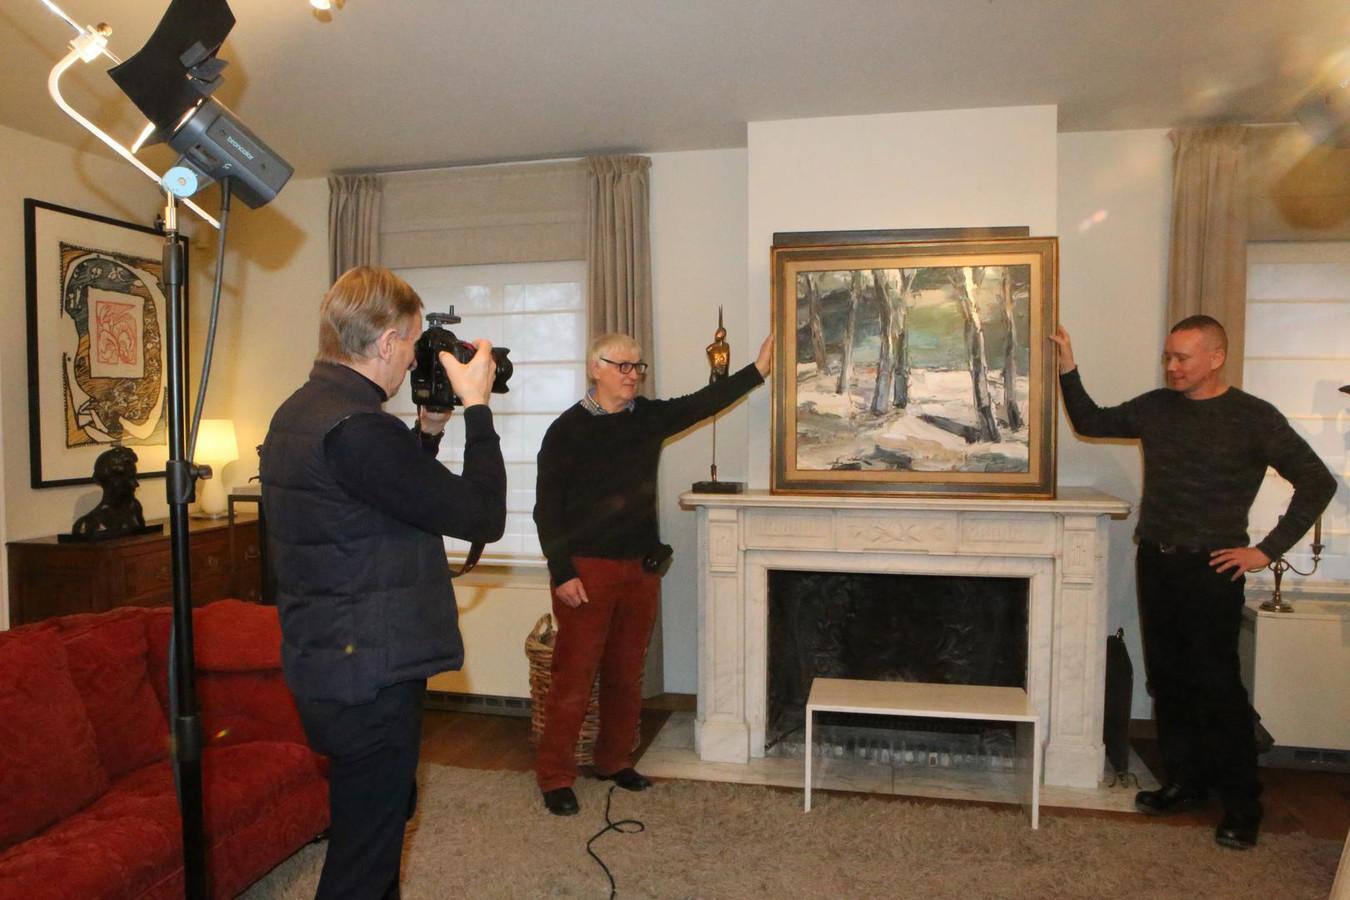 Kunstliefhebber François Renier en initiatiefnemer Pieter Van Kerckhof houden een schilderij van Emile Deca vast, terwijl André Matthijssens het werk fotografeert.